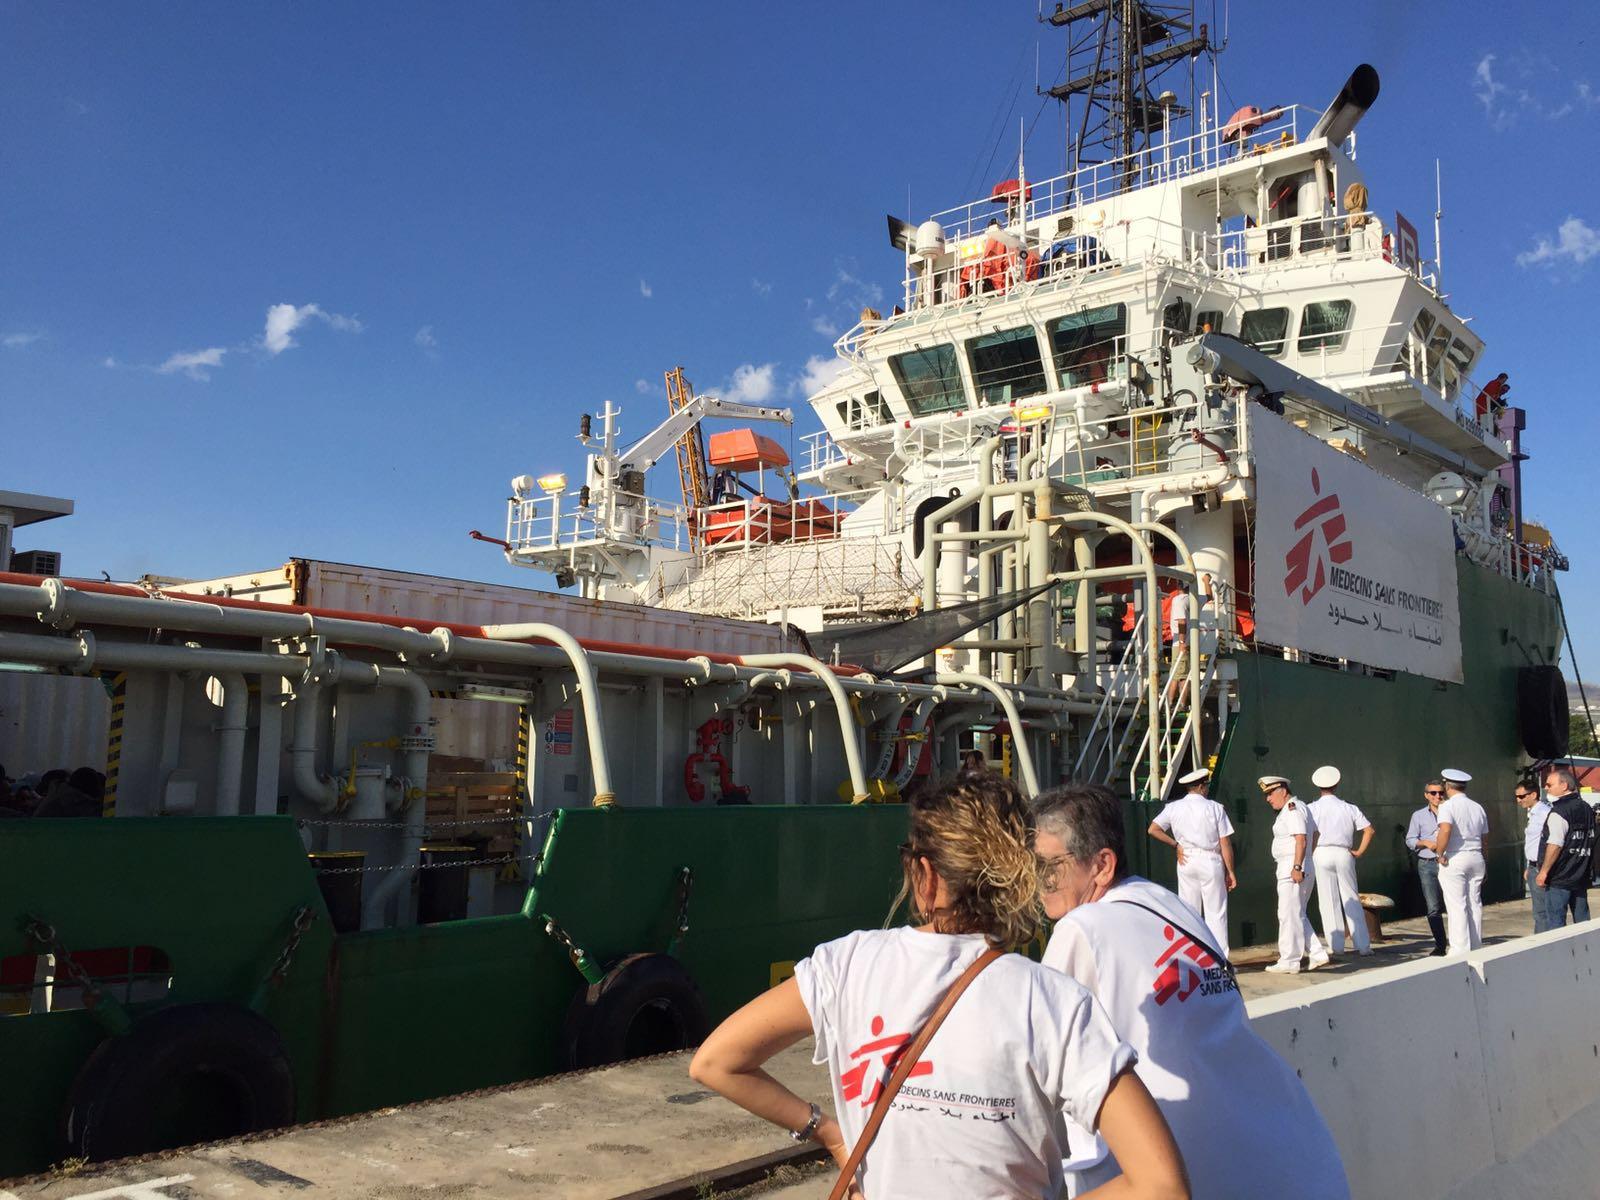 A palermo arrivata una nave di medici senza frontiere con seicento